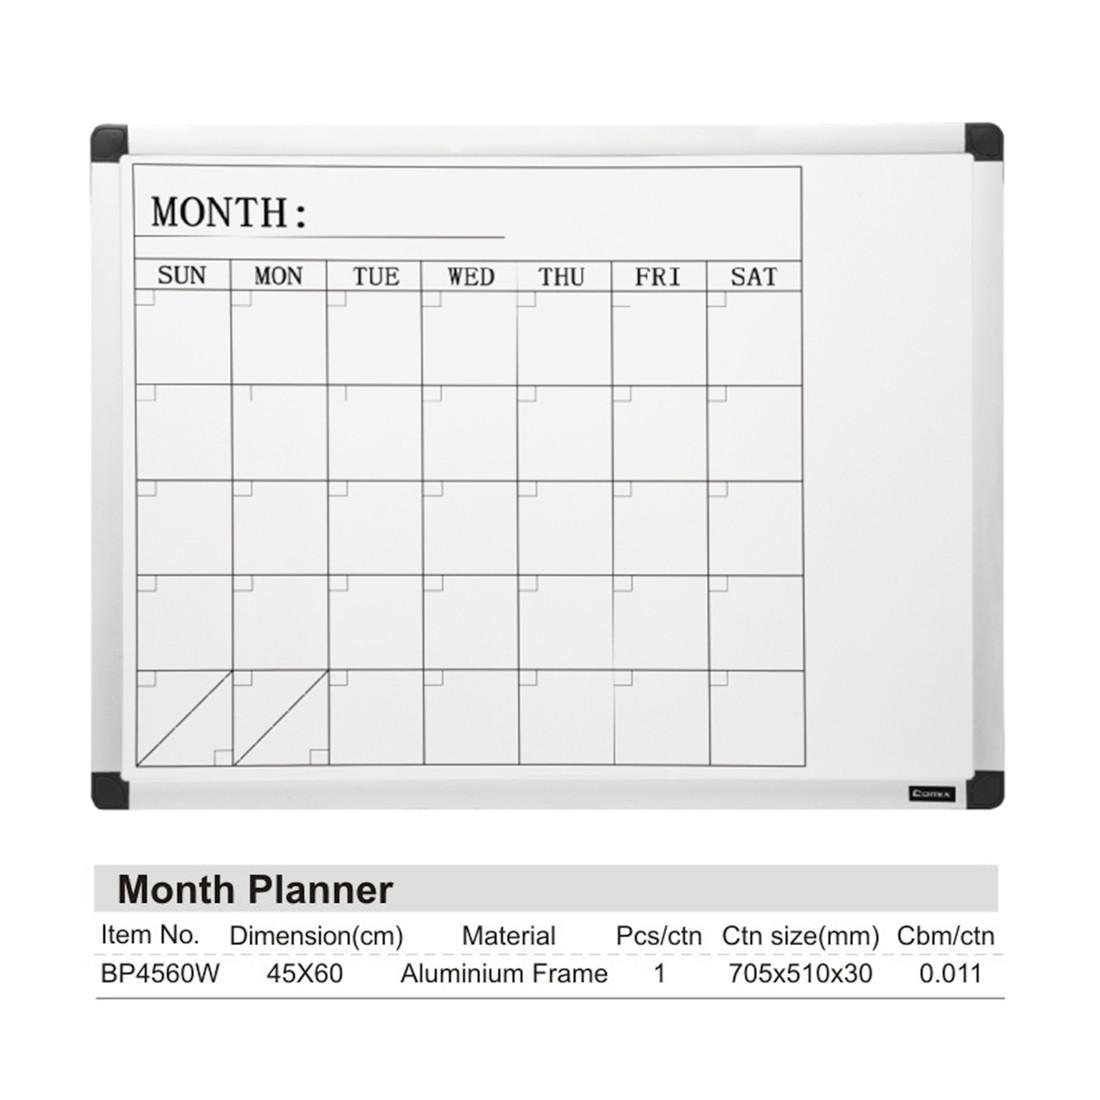 Доска магнитно-маркерная Comix BP4560W Настенная 45*60 см для планирования с полкой для аксессуаров Белый